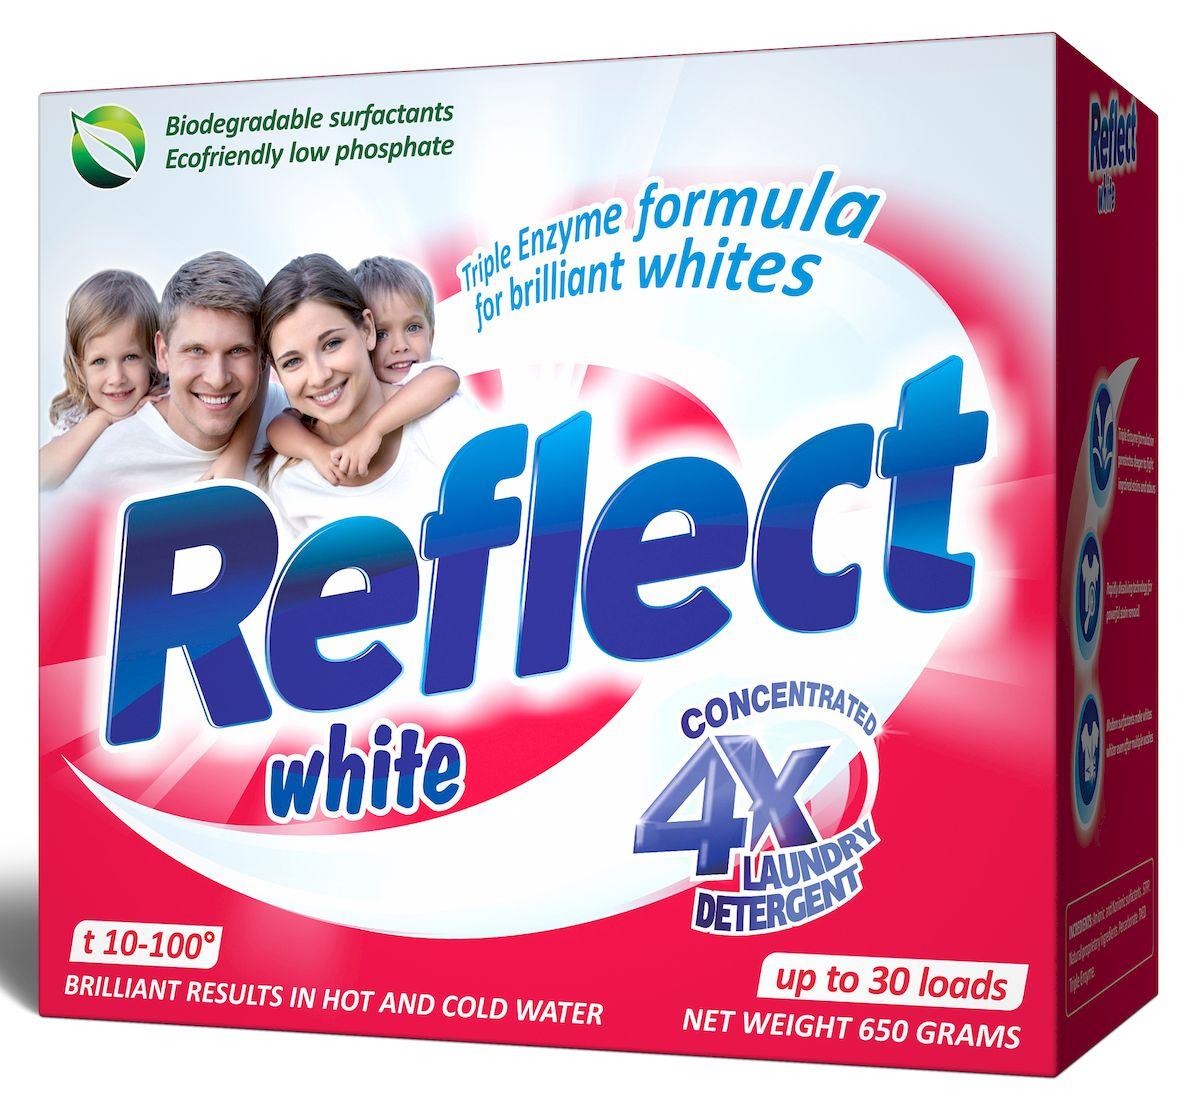 Стиральный порошок Reflect White, концентрированный, для белых и светлых тканей, 650 г15010Концентрированный стиральный порошок Reflect White предназначен для стирки белых и светлых тканей. Особенности порошка Reflect White: - придает белоснежность и яркость белым тканям от стирки к стирке, - отстирывает самые сильные загрязнения (воротнички, манжеты), - антибактериальный, уничтожает 99,9% известных бактерий, - обладает высокой моющей способностью в широком диапазоне температур (10°C-100°C), - предупреждает образование накипи на водонагревательном элементе, - удаляет пятна и загрязнения различного происхождения, не повреждая структуру ткани, - в состав входит энзим (антипиллинг), который предотвращает образование ворсистости на ткани, - подходит для всех типов ткани, включая ткани с мембранным покрытием, кроме шерсти и шелка - универсальный - для машинной и ручной стирки. Товар сертифицирован.